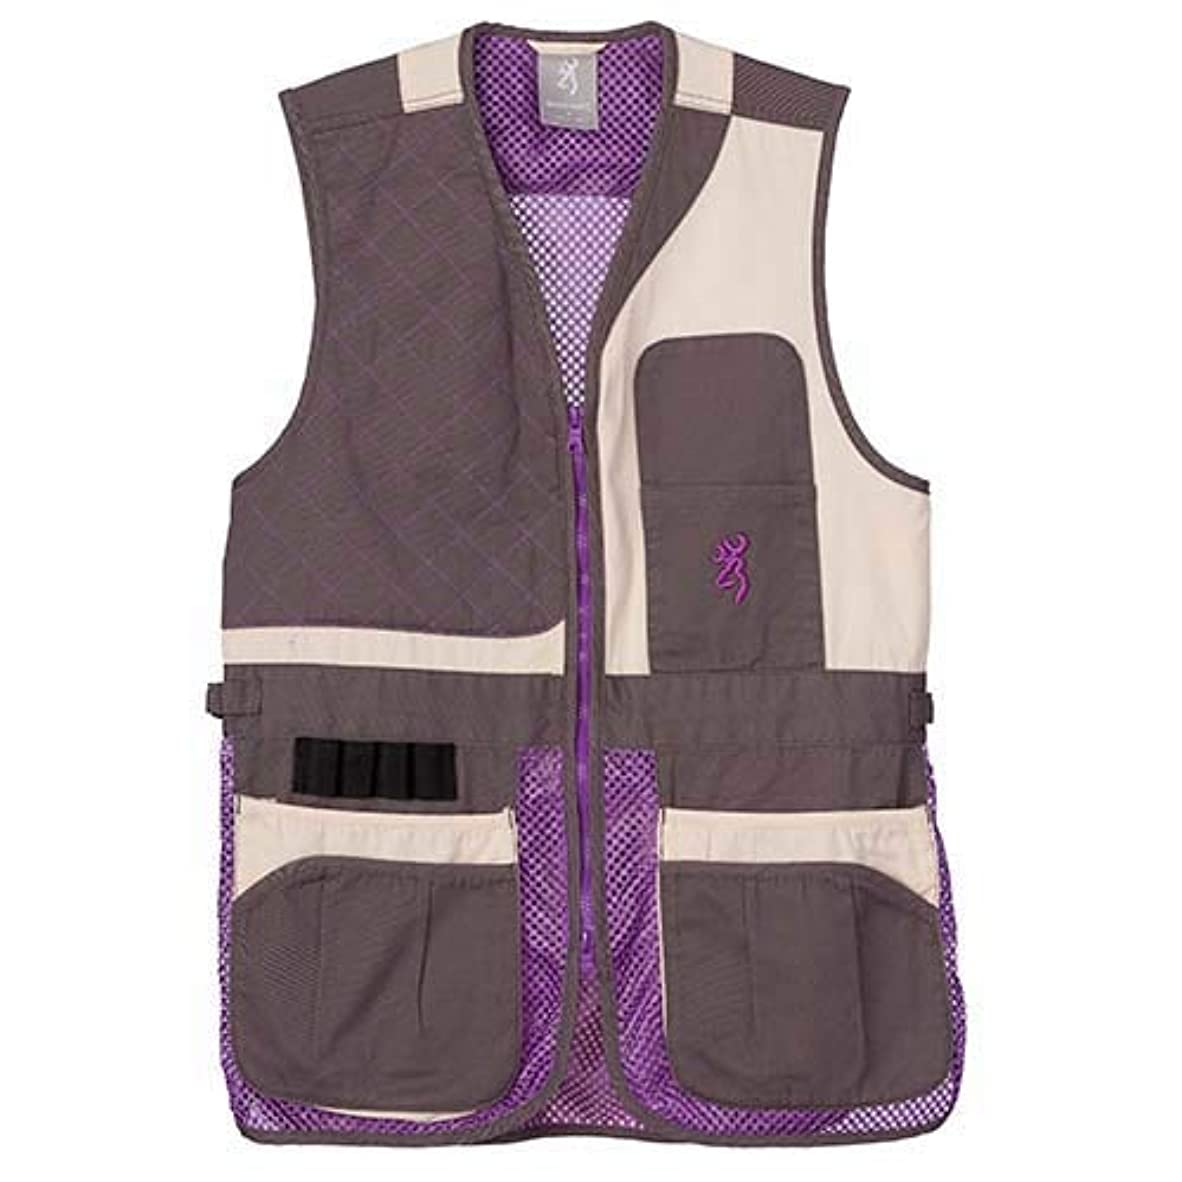 シャックル玉起業家BrowningレディースTrapper CreekメッシュShooting vest-cream/Plum/グレー